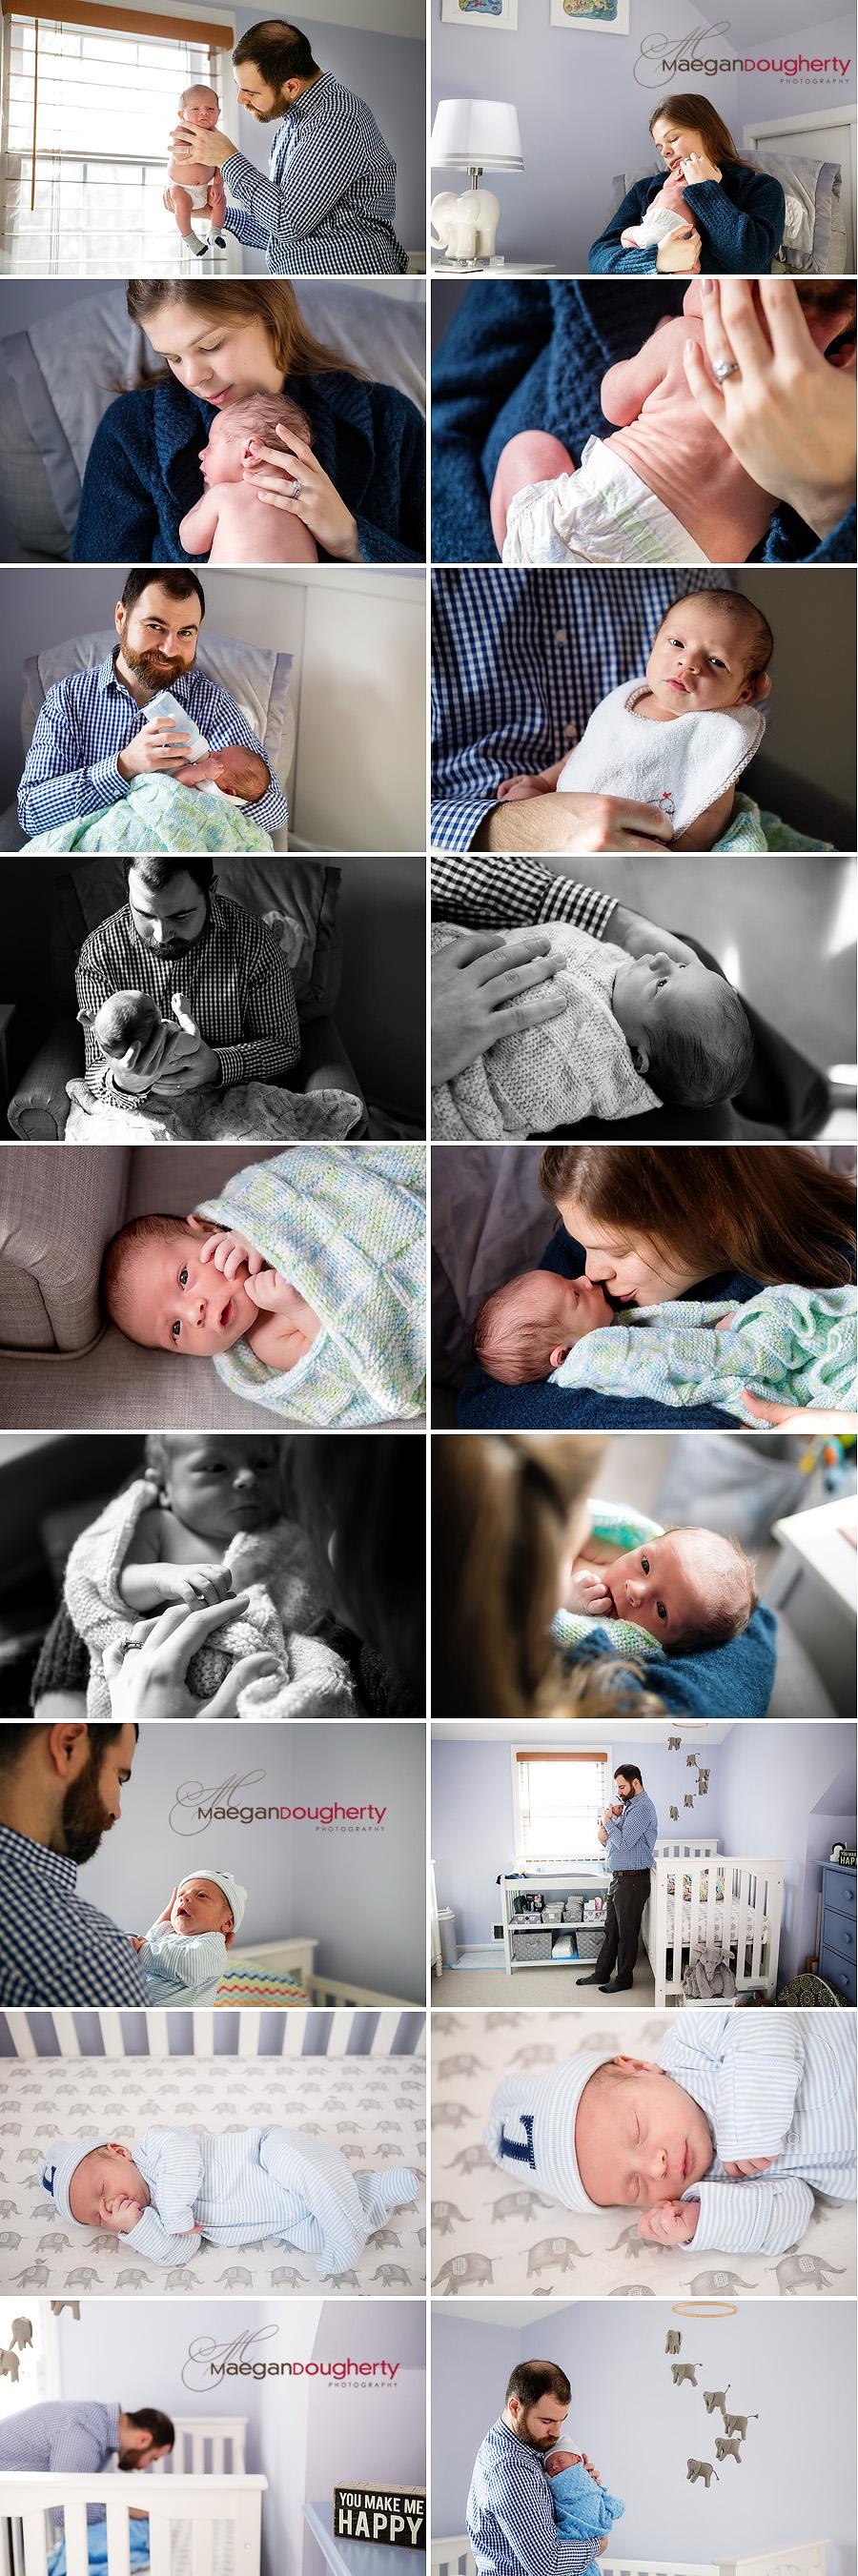 ridgewood nj newborn photographer